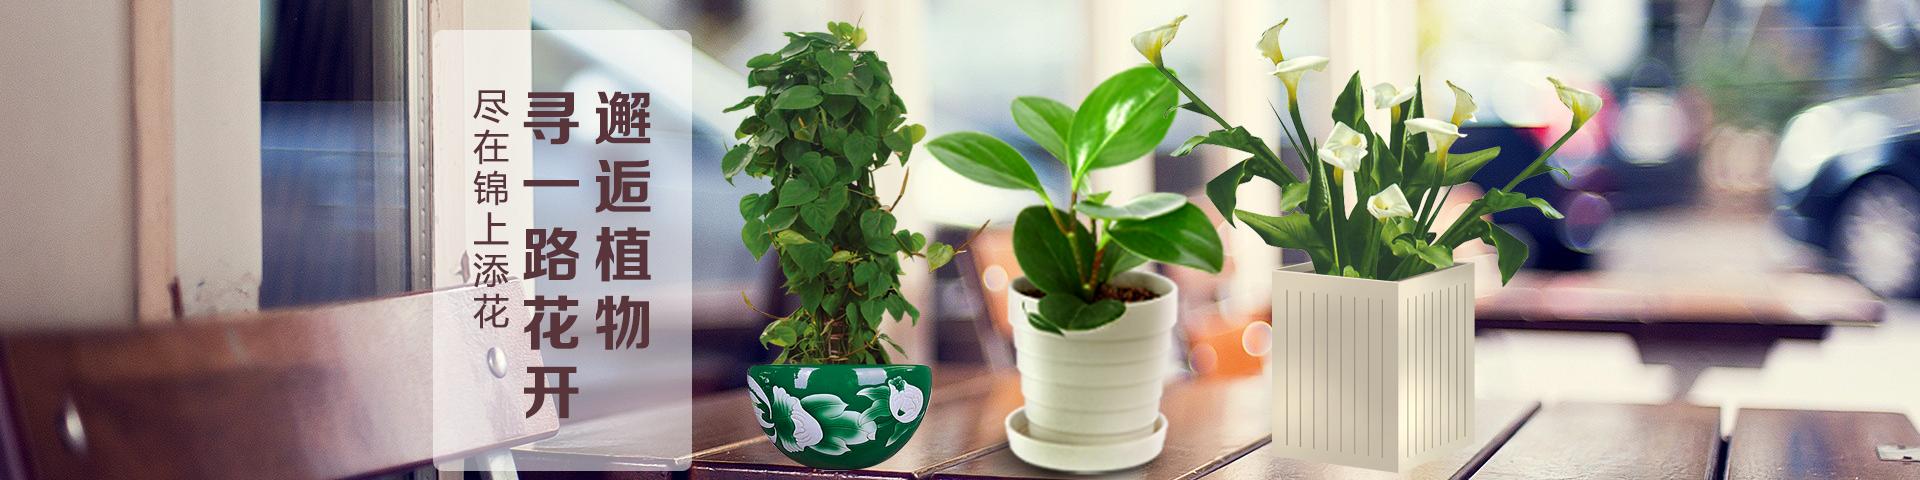 蚌埠植物购买